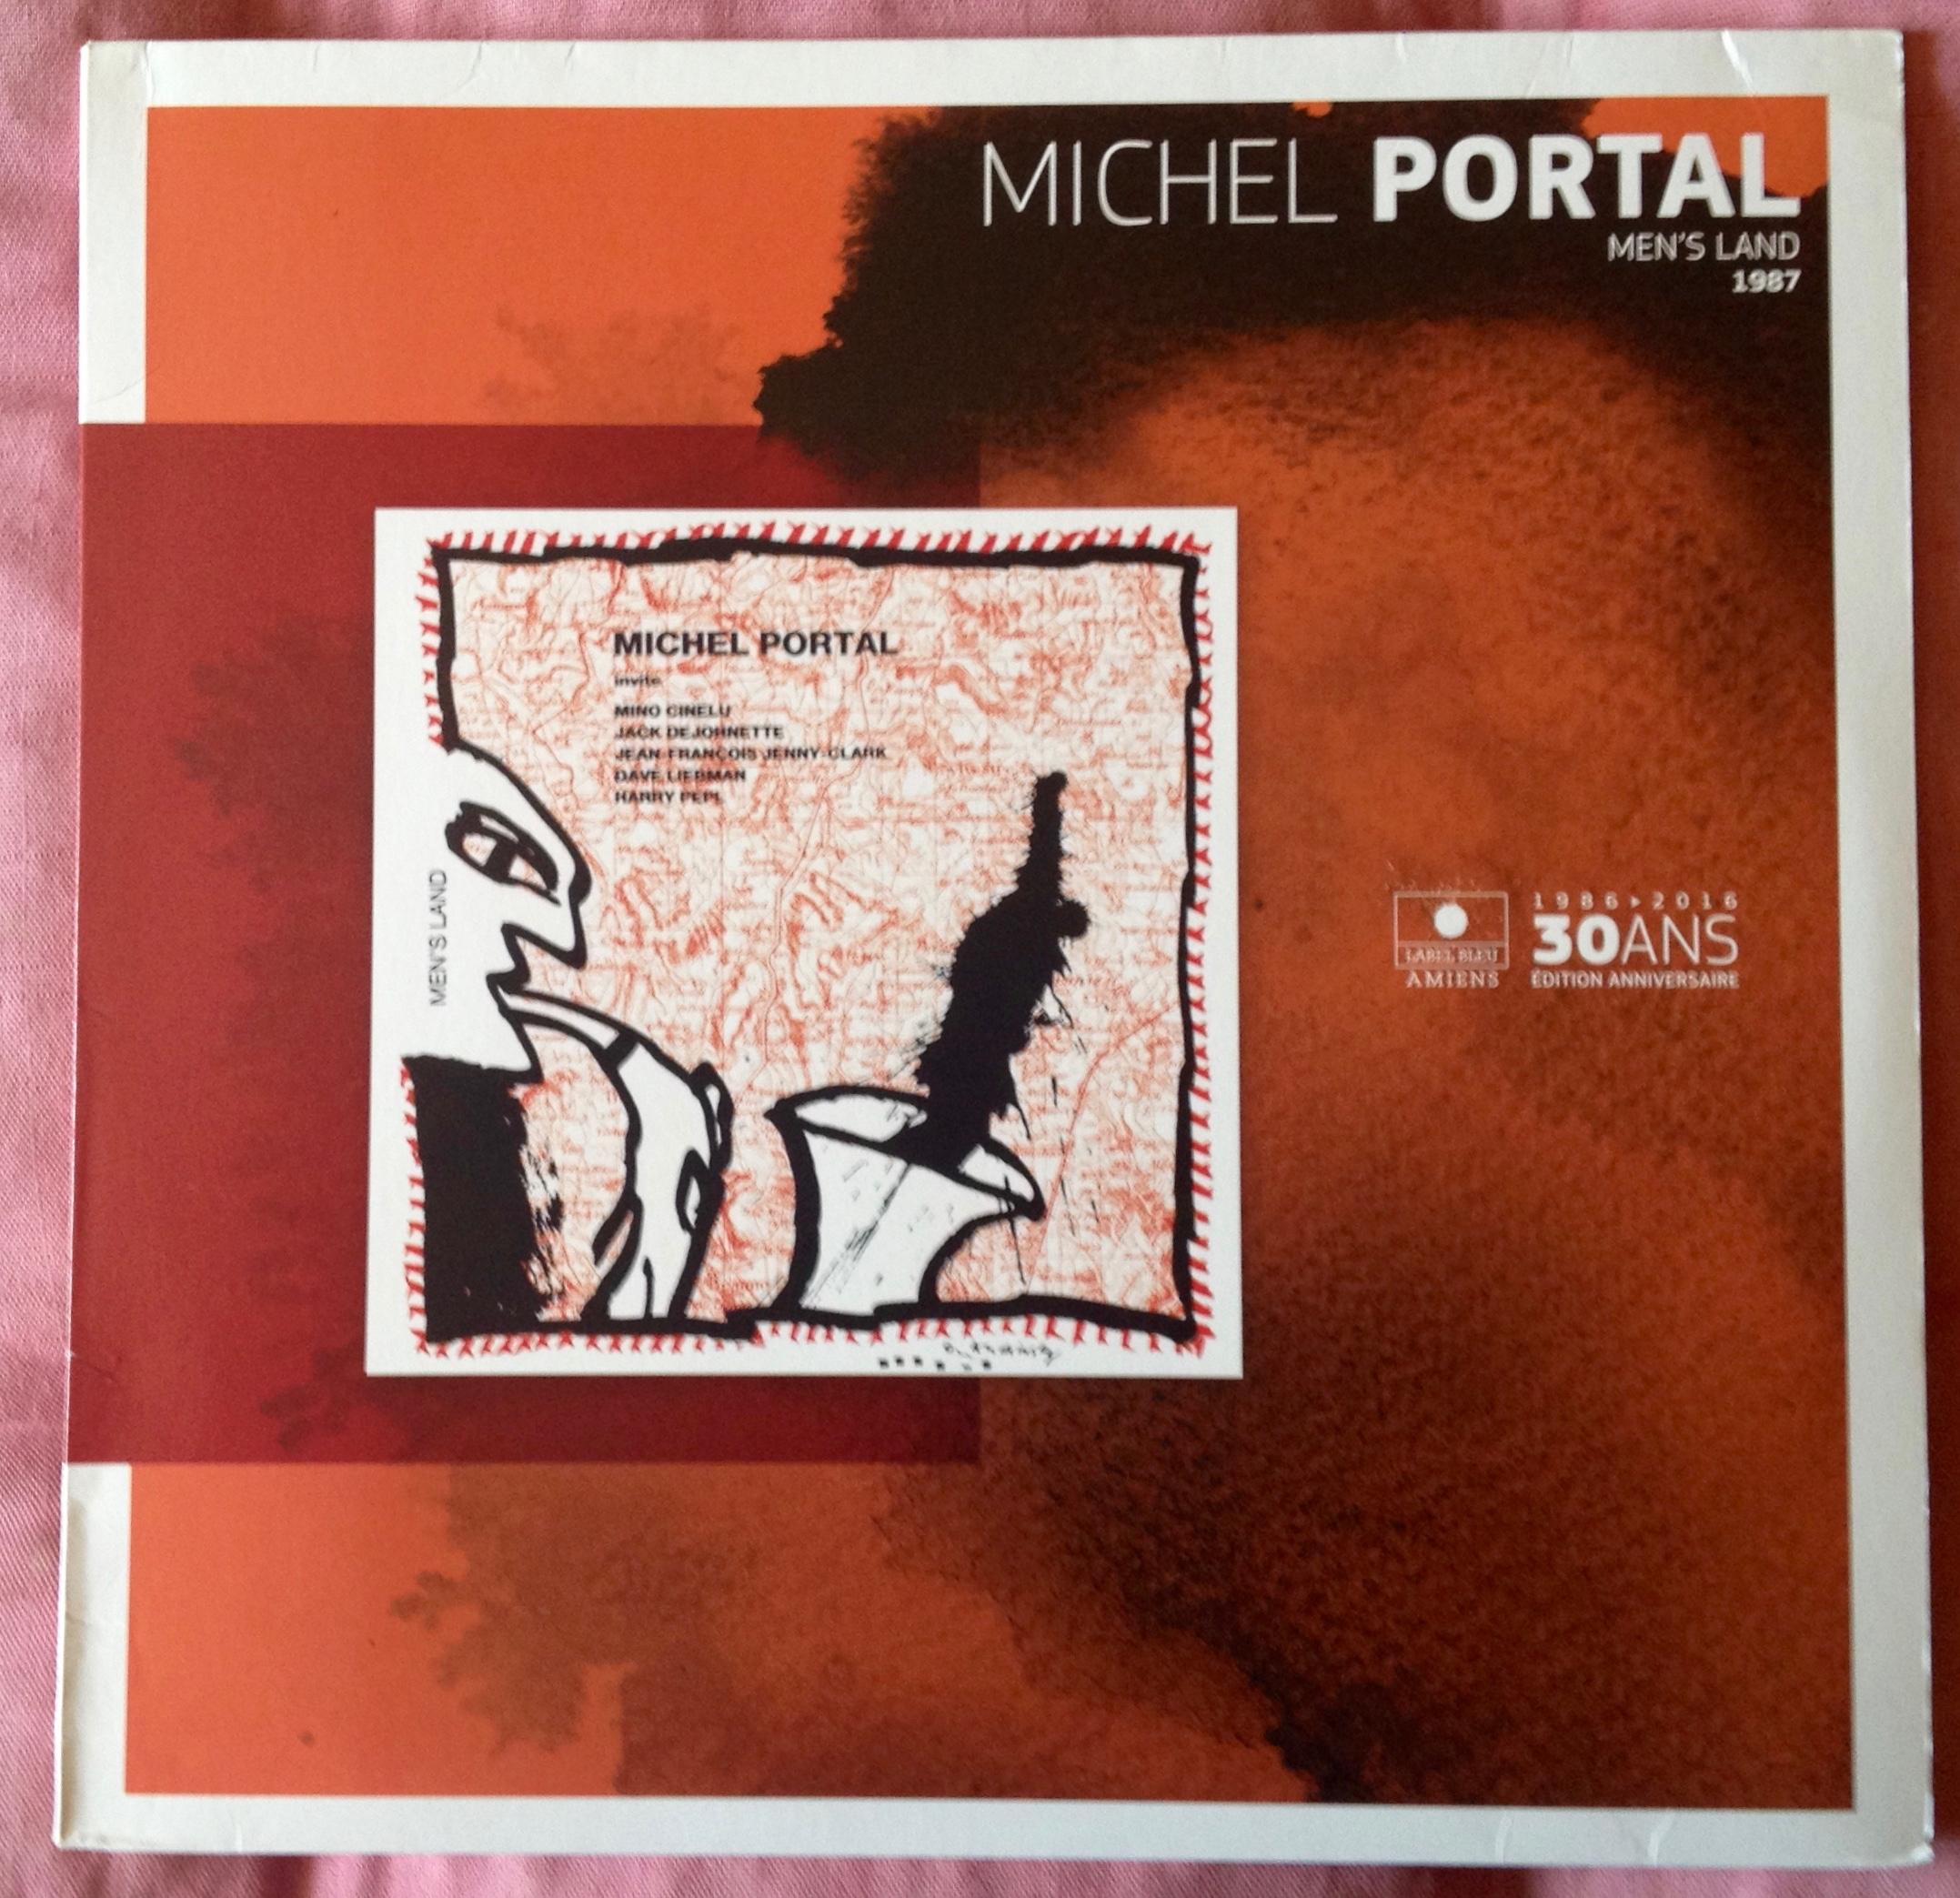 Deux facettes de Michel Portal.